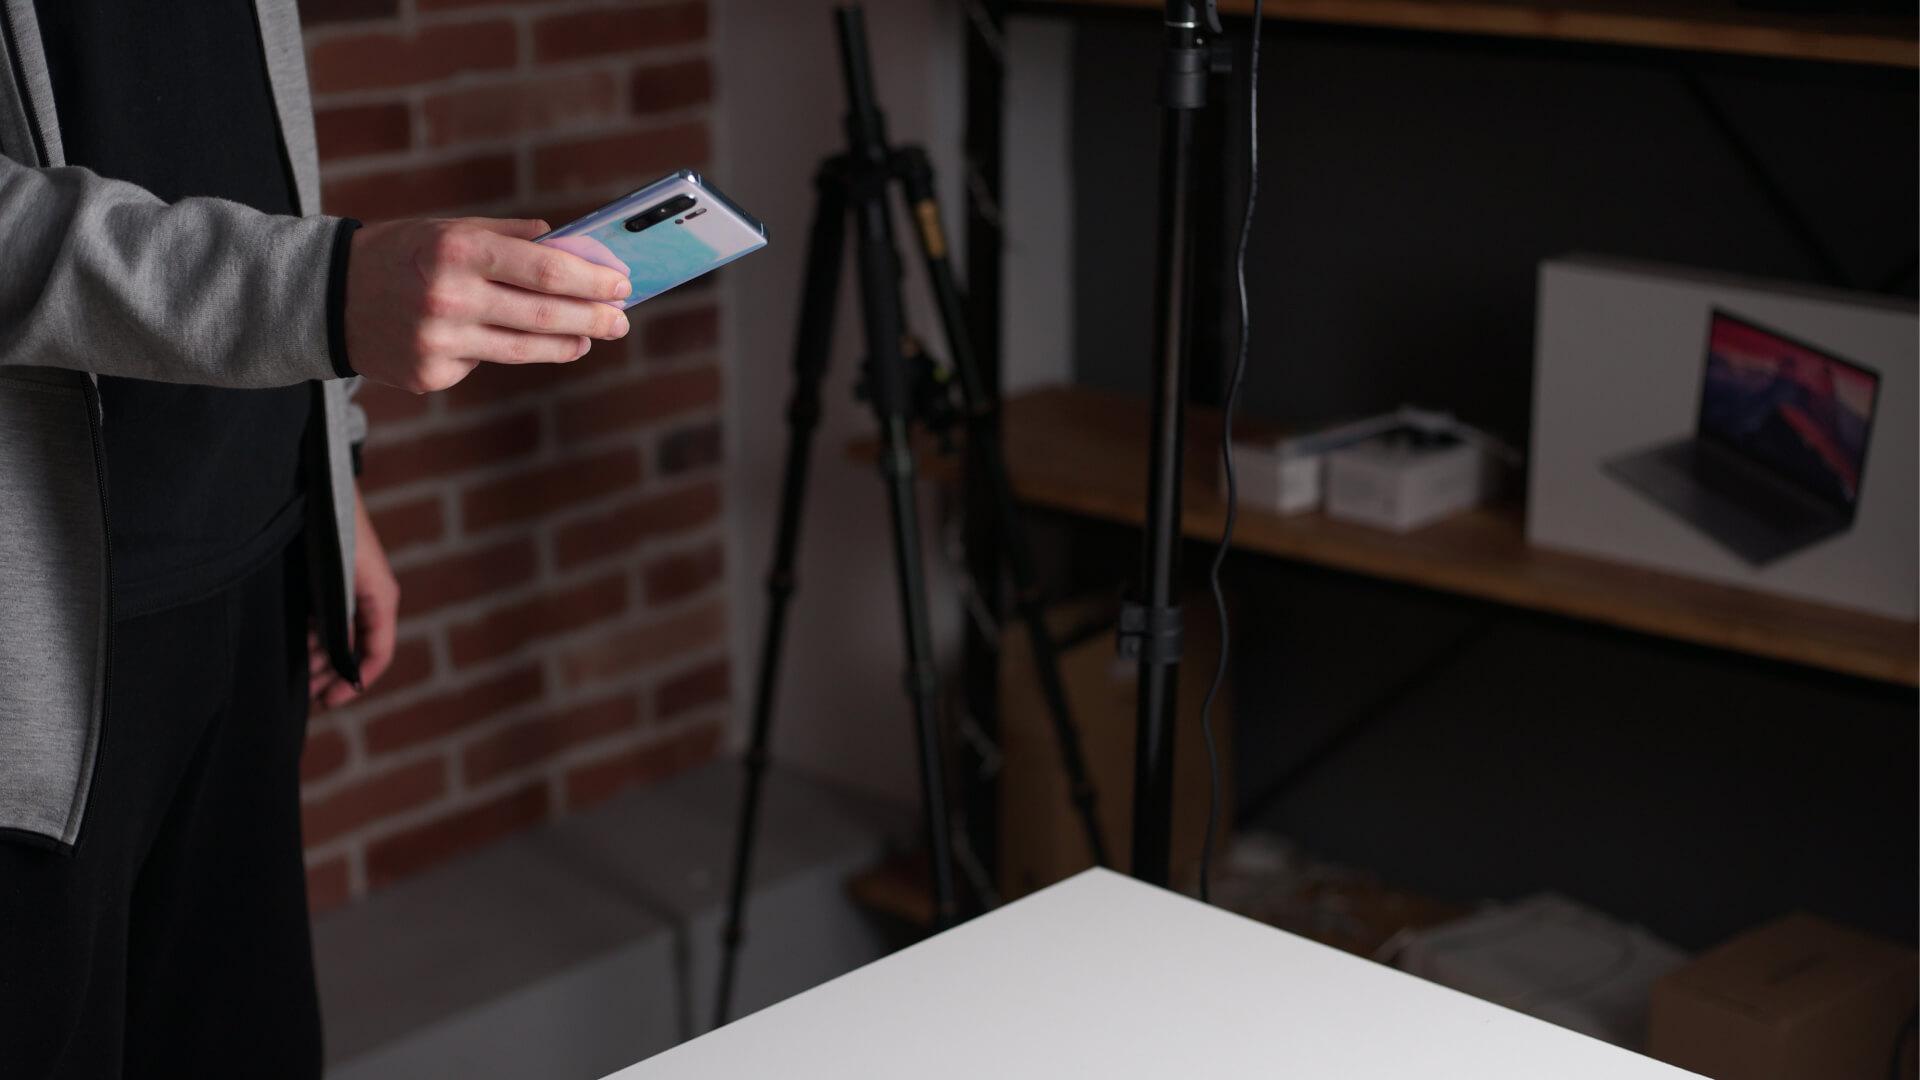 Как раздать мобильный интернет с Huawei на другие устройства?